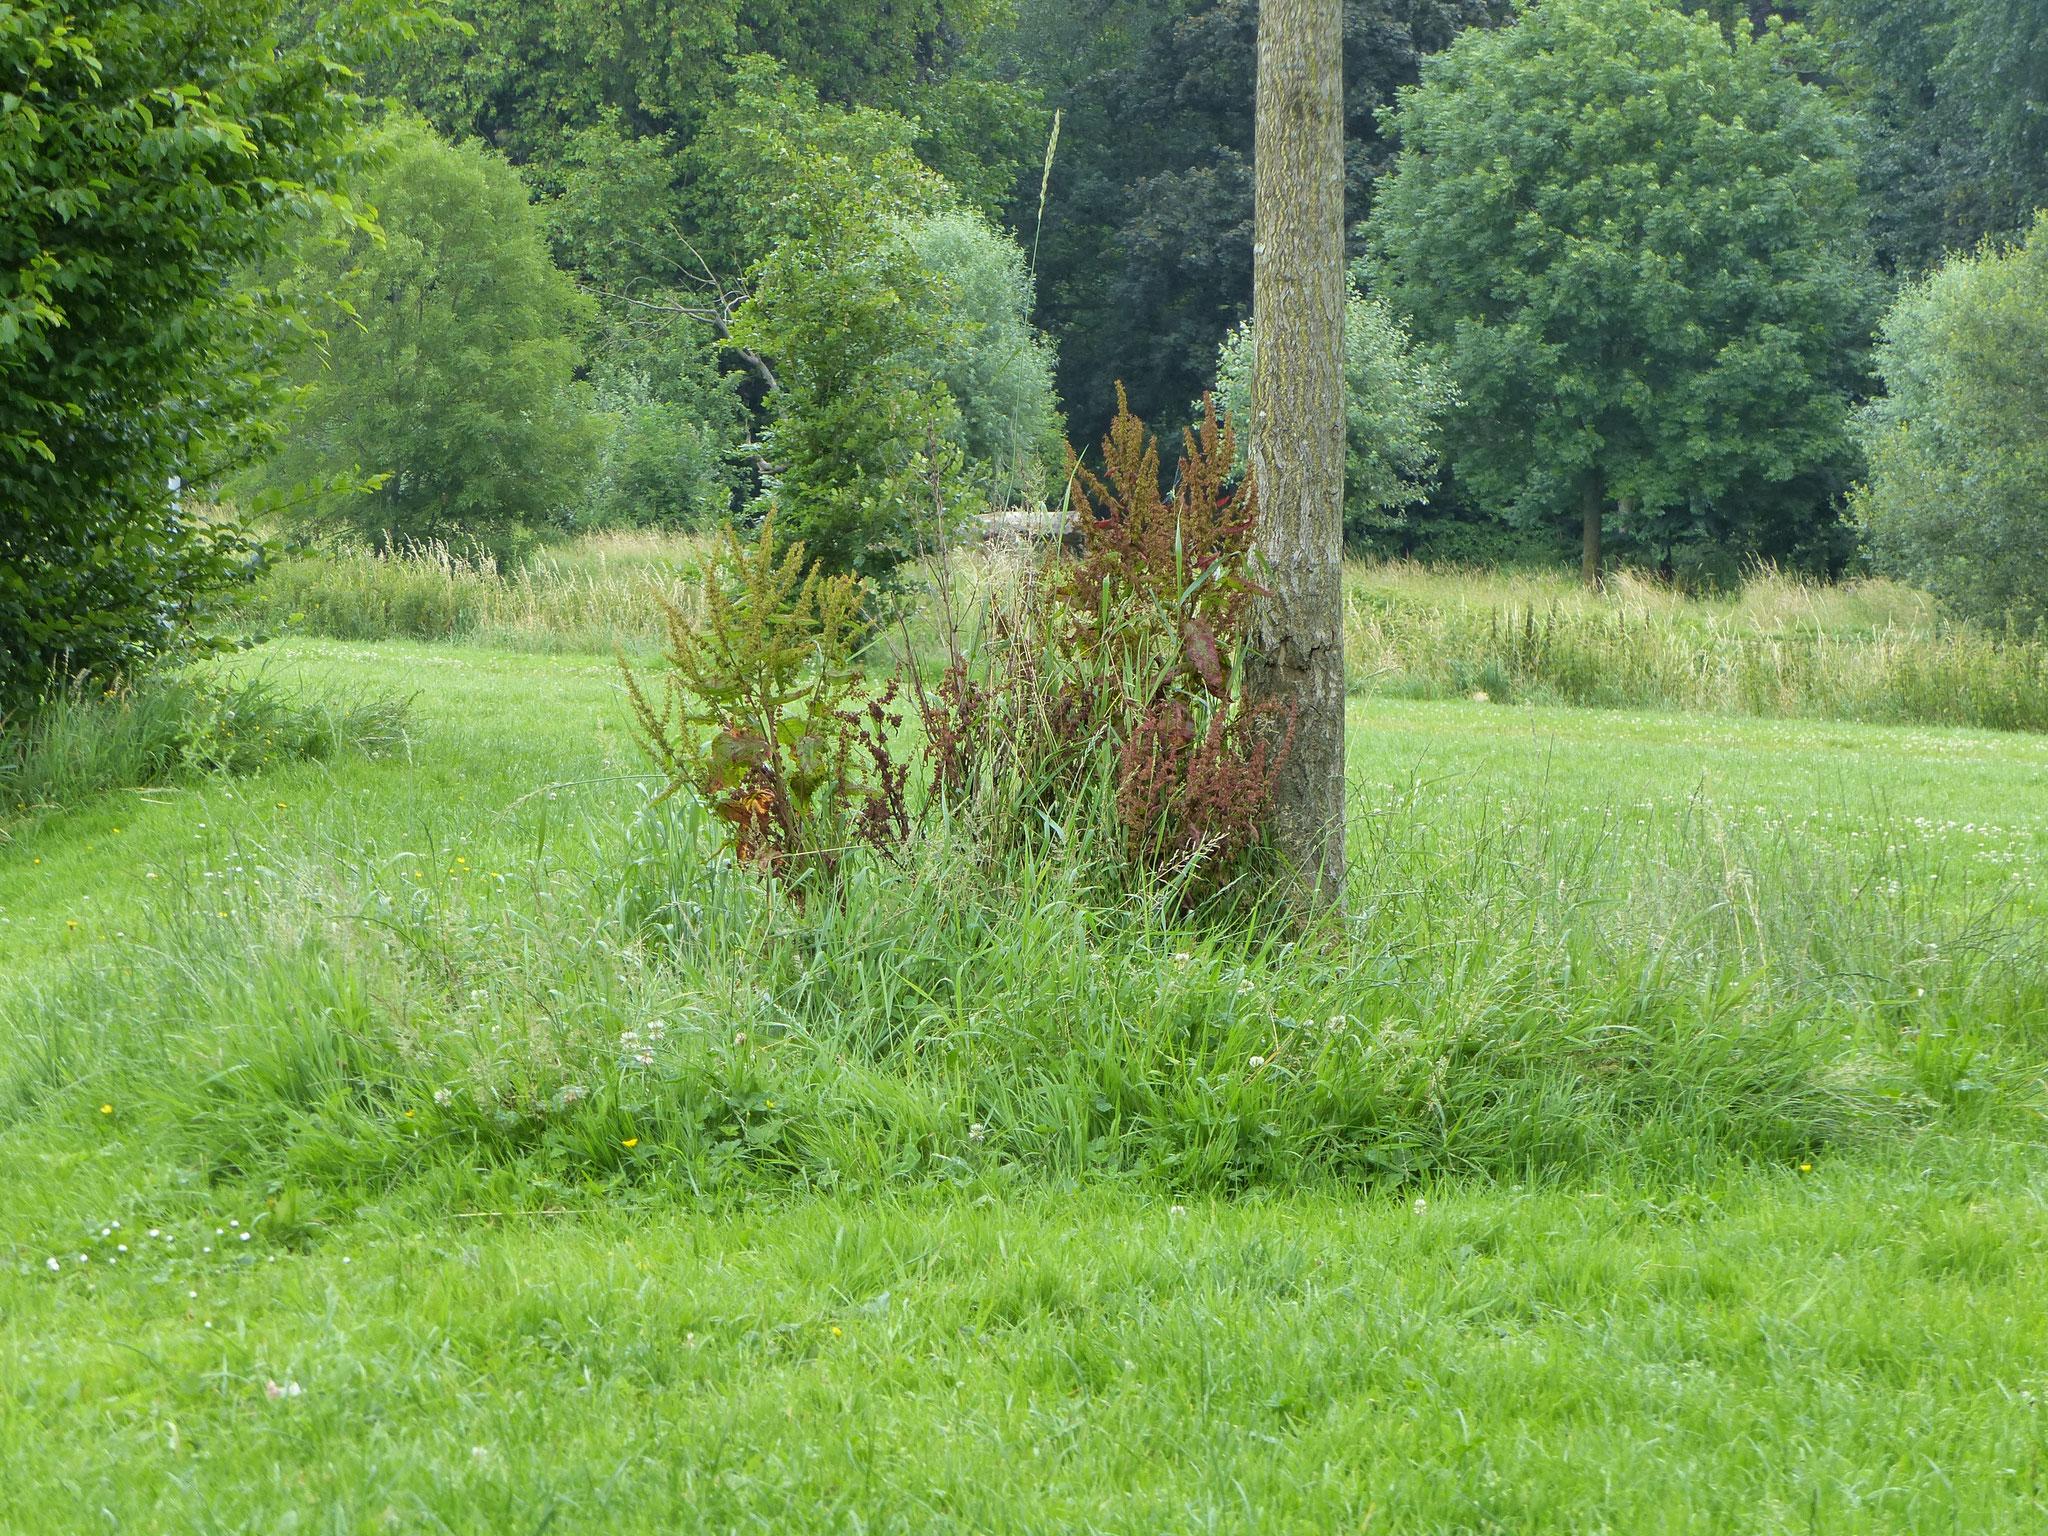 La végétation se développe au pied de l'arbre à Lambersart